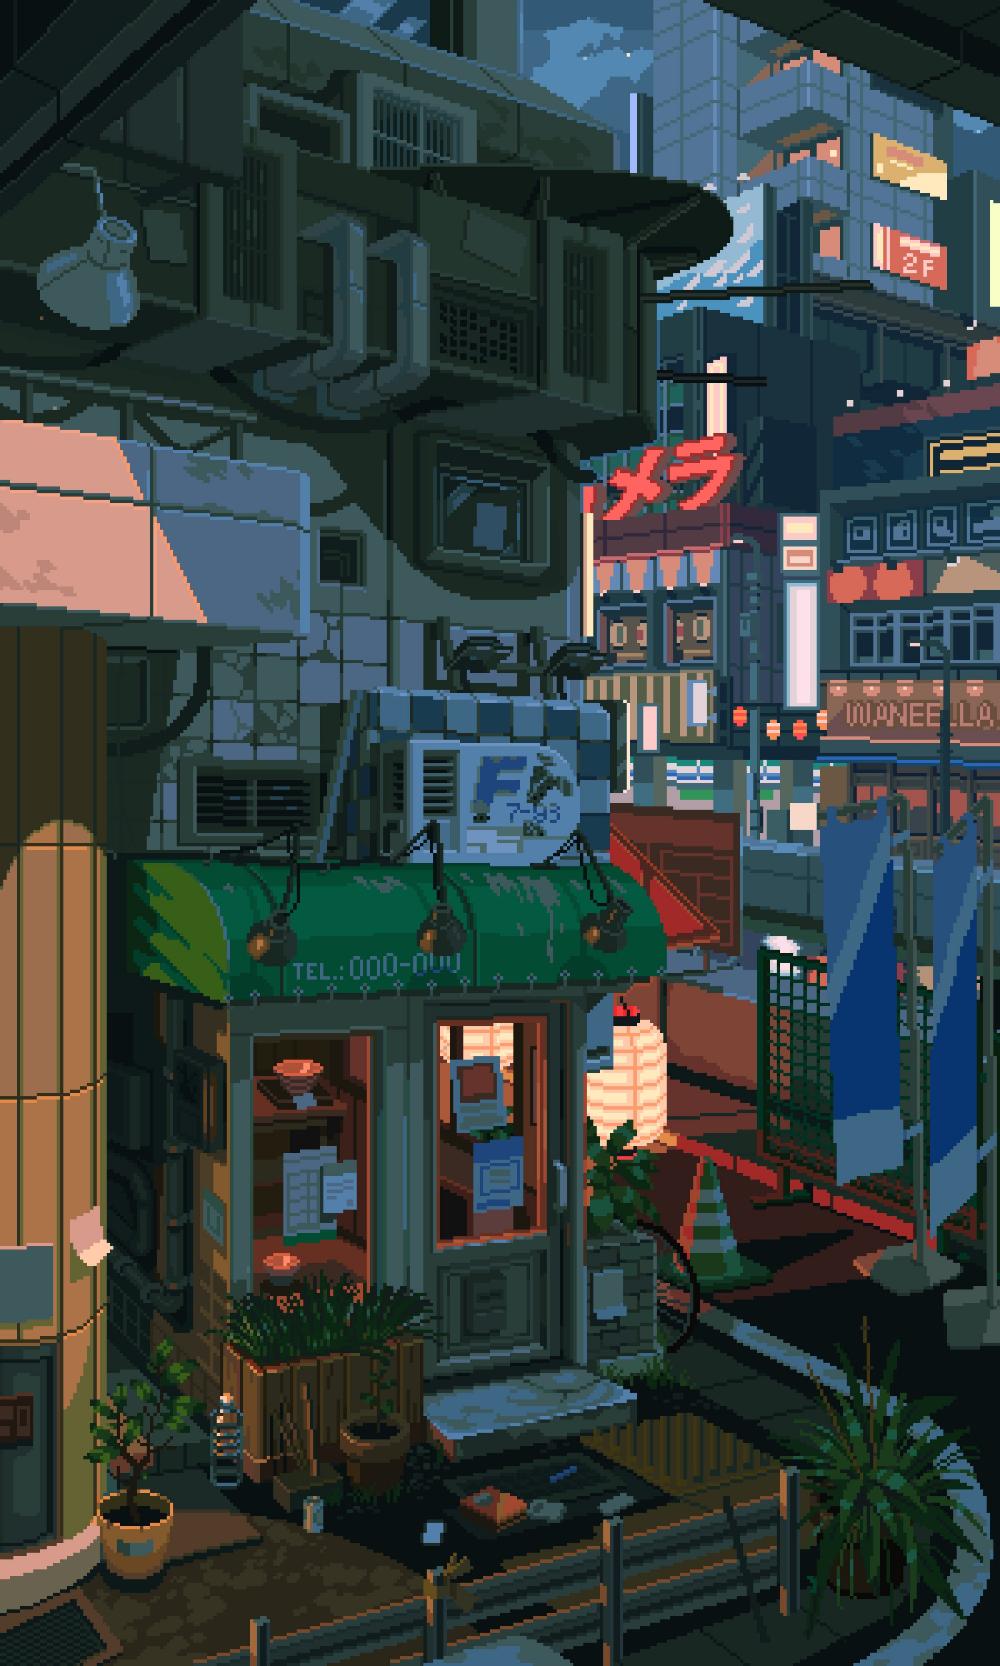 Waneella On Twitter Pixel Art Background Anime Scenery Wallpaper Scenery Wallpaper